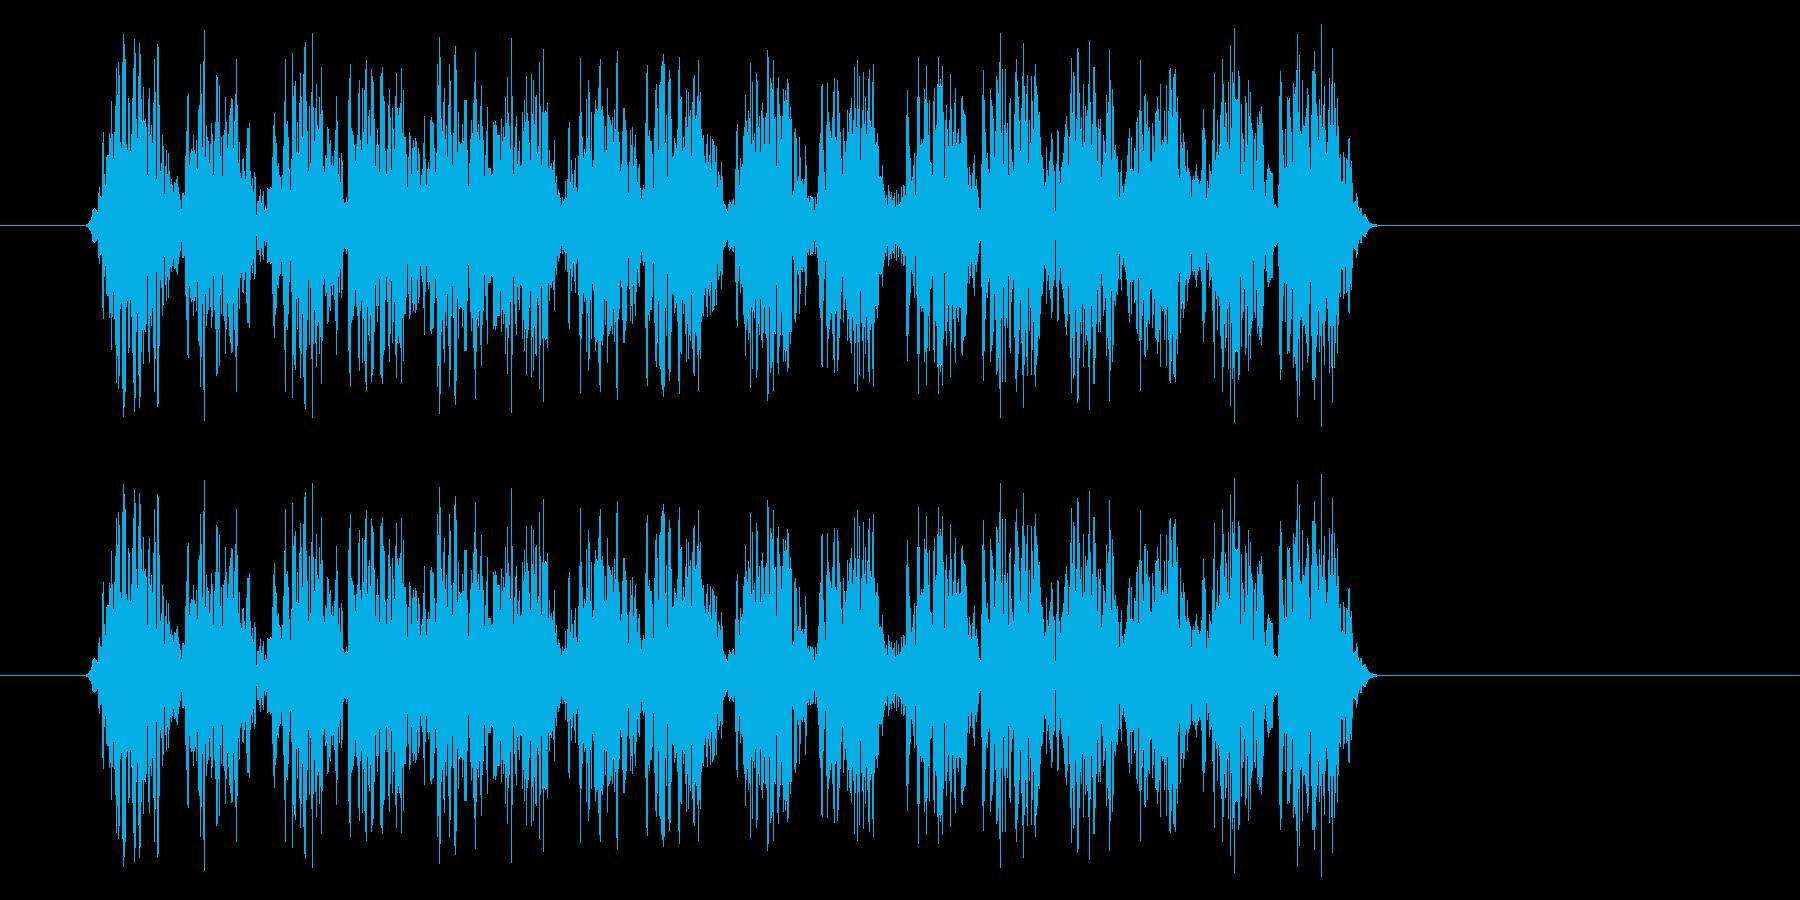 SNES レース02-07(タイヤ スキの再生済みの波形